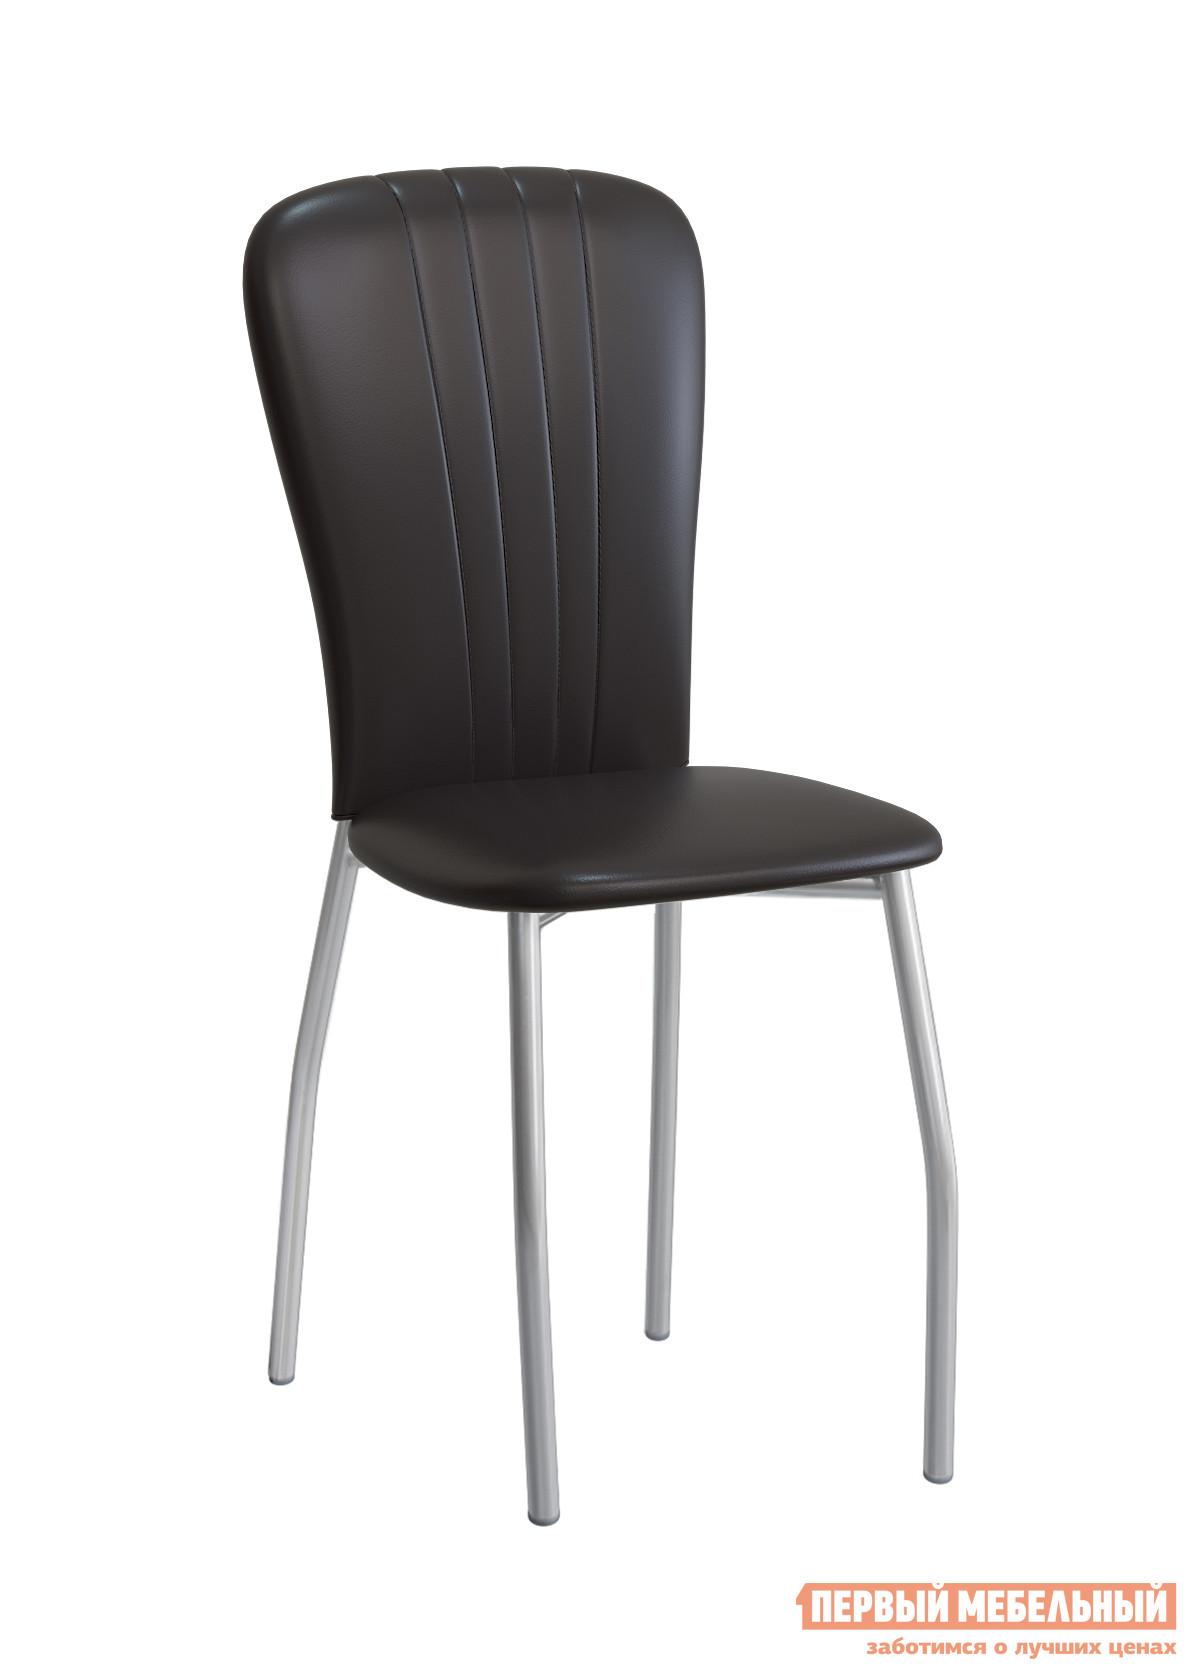 Стул Первый Мебельный Стул Клэр детский стул первый мебельный стул детский регулируемый